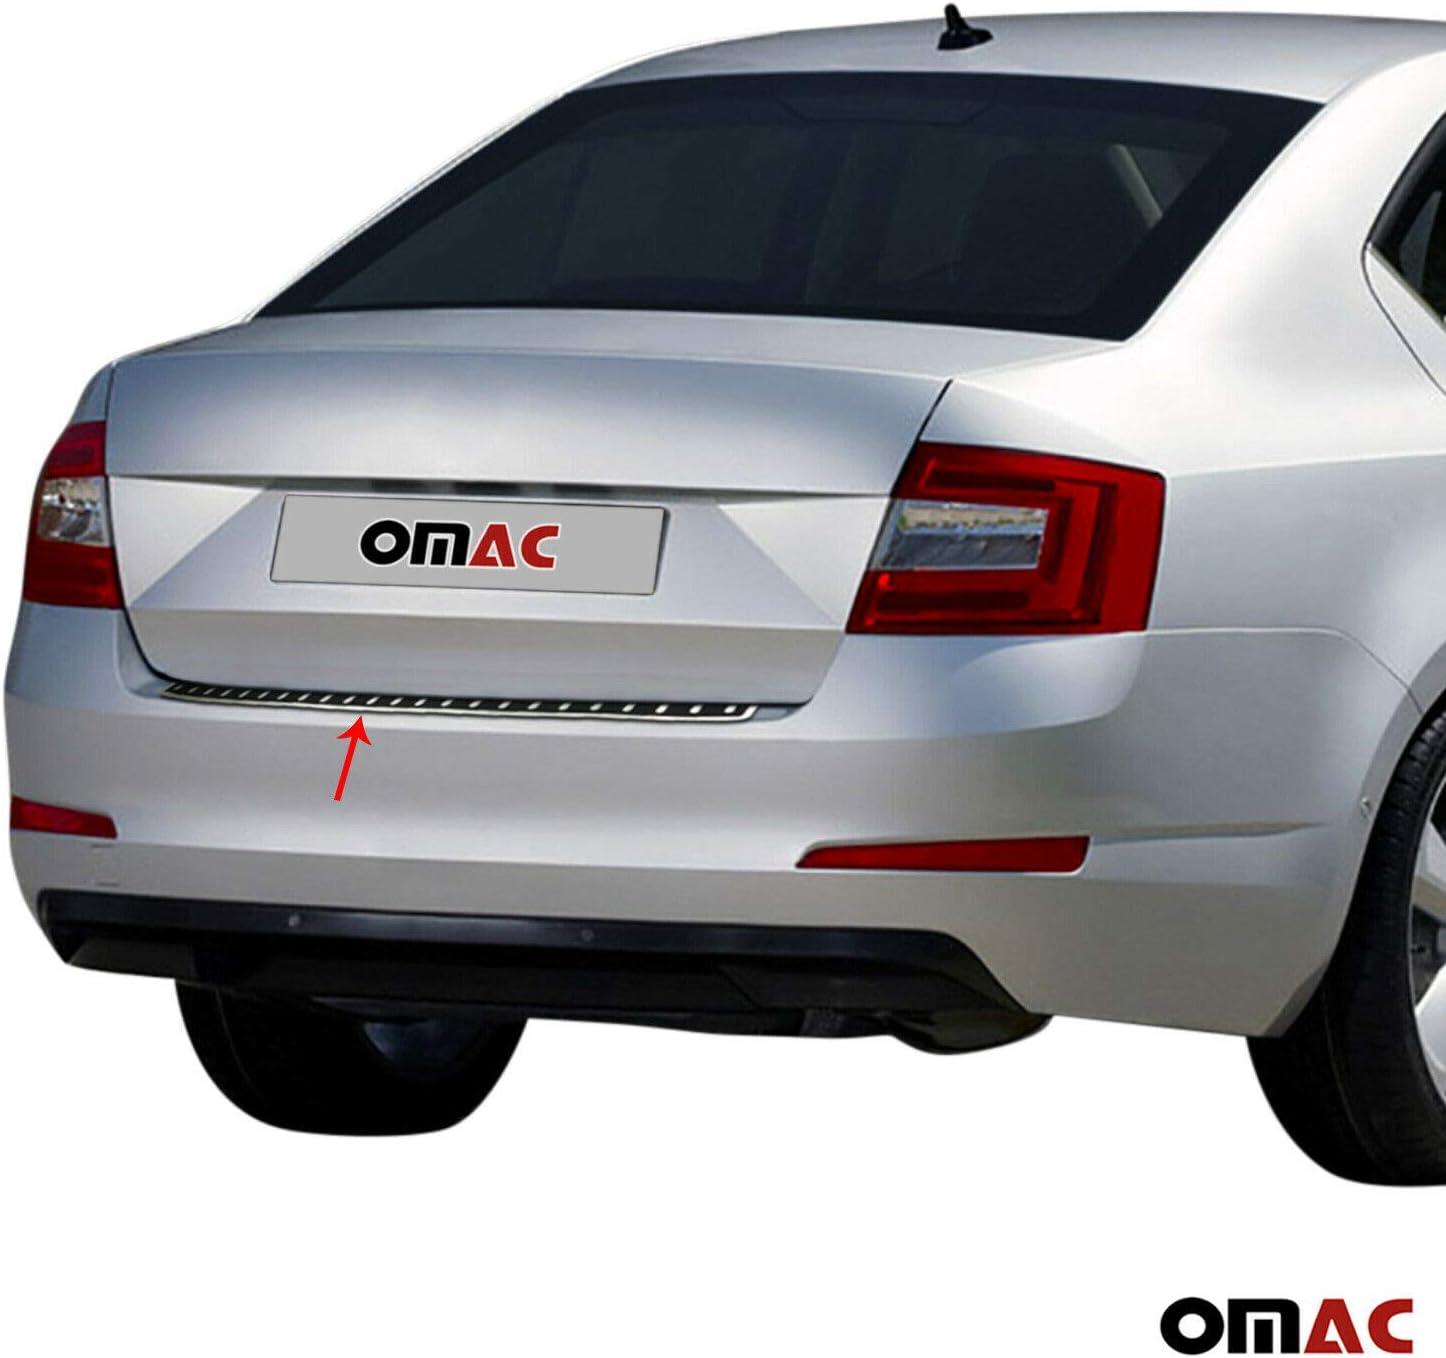 Protezione paraurti in acciaio inox cromato per Octavia III 2012-2020 con pellicola di carbonio